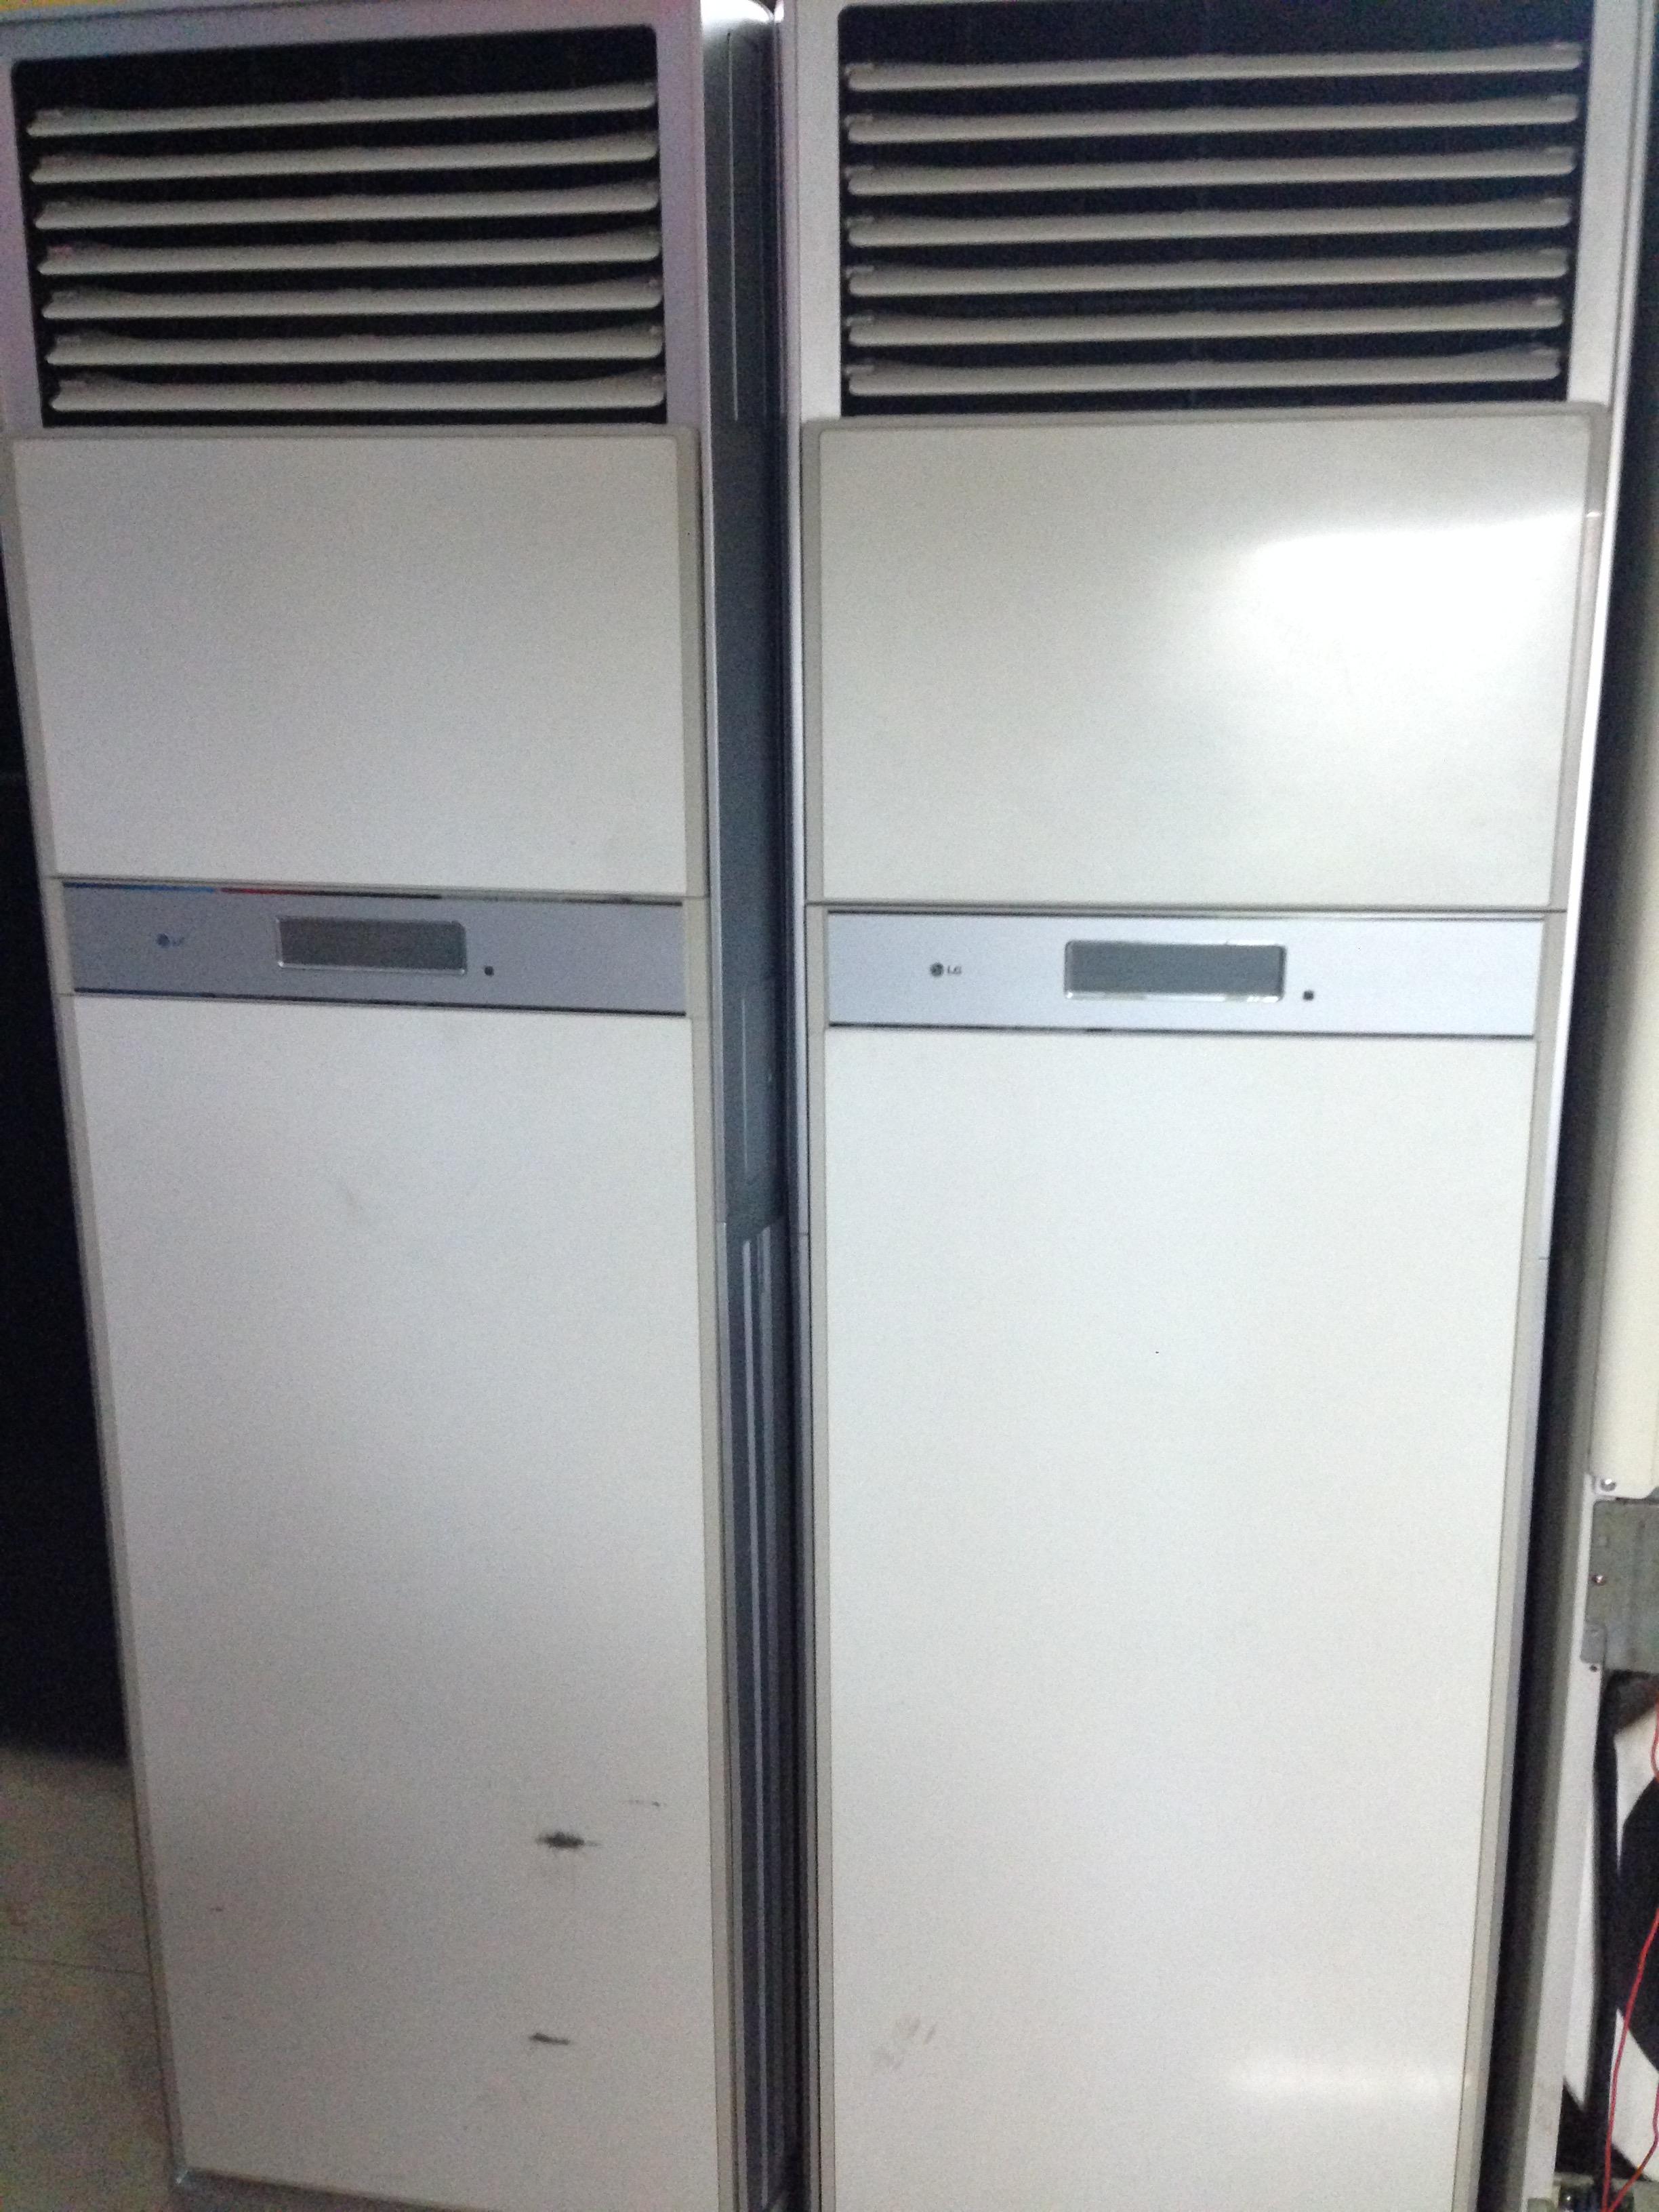 Máy lạnh cũ tủ đứng LG 5hp—Giá: 17.000.000